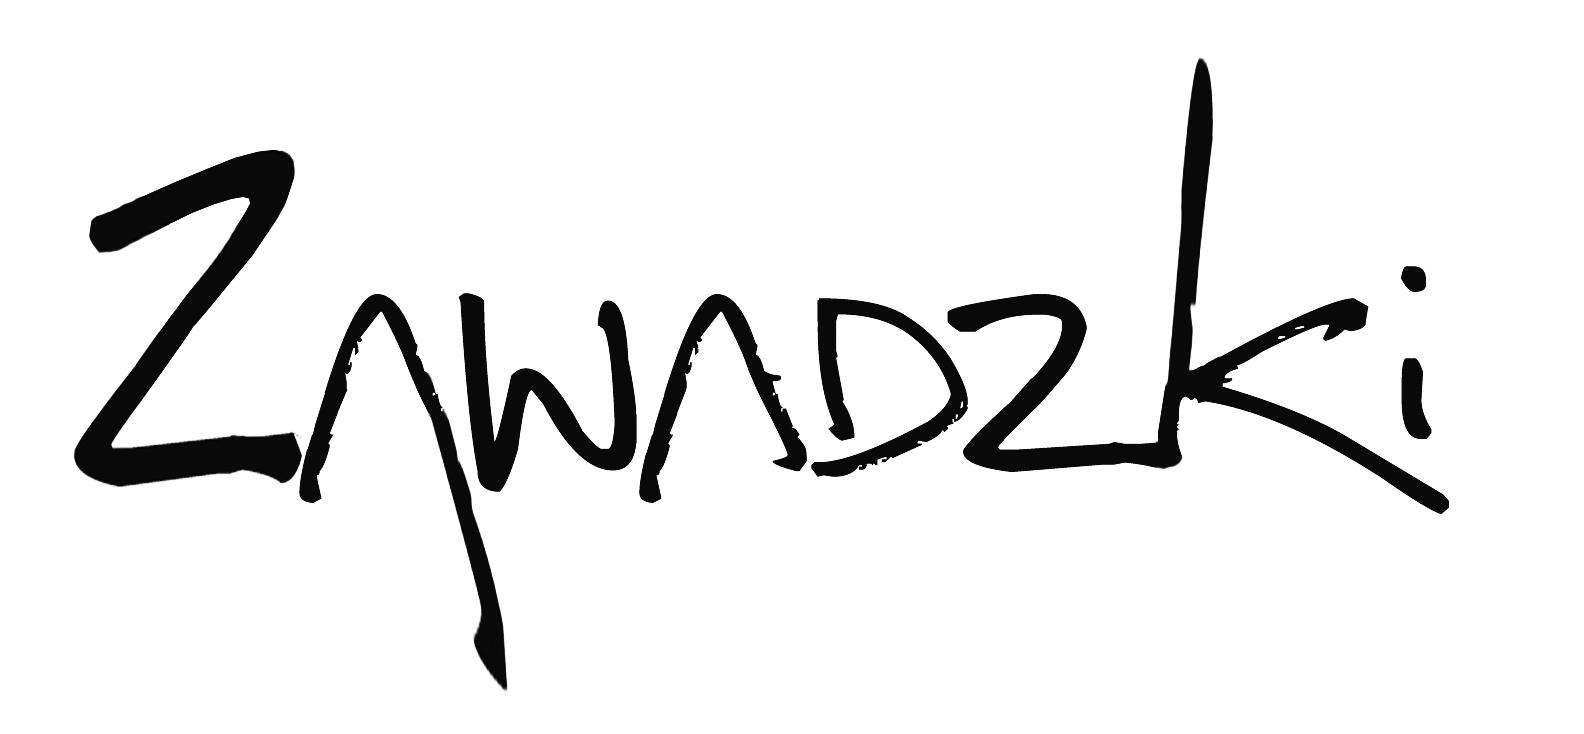 Paul Zawadzki Signature